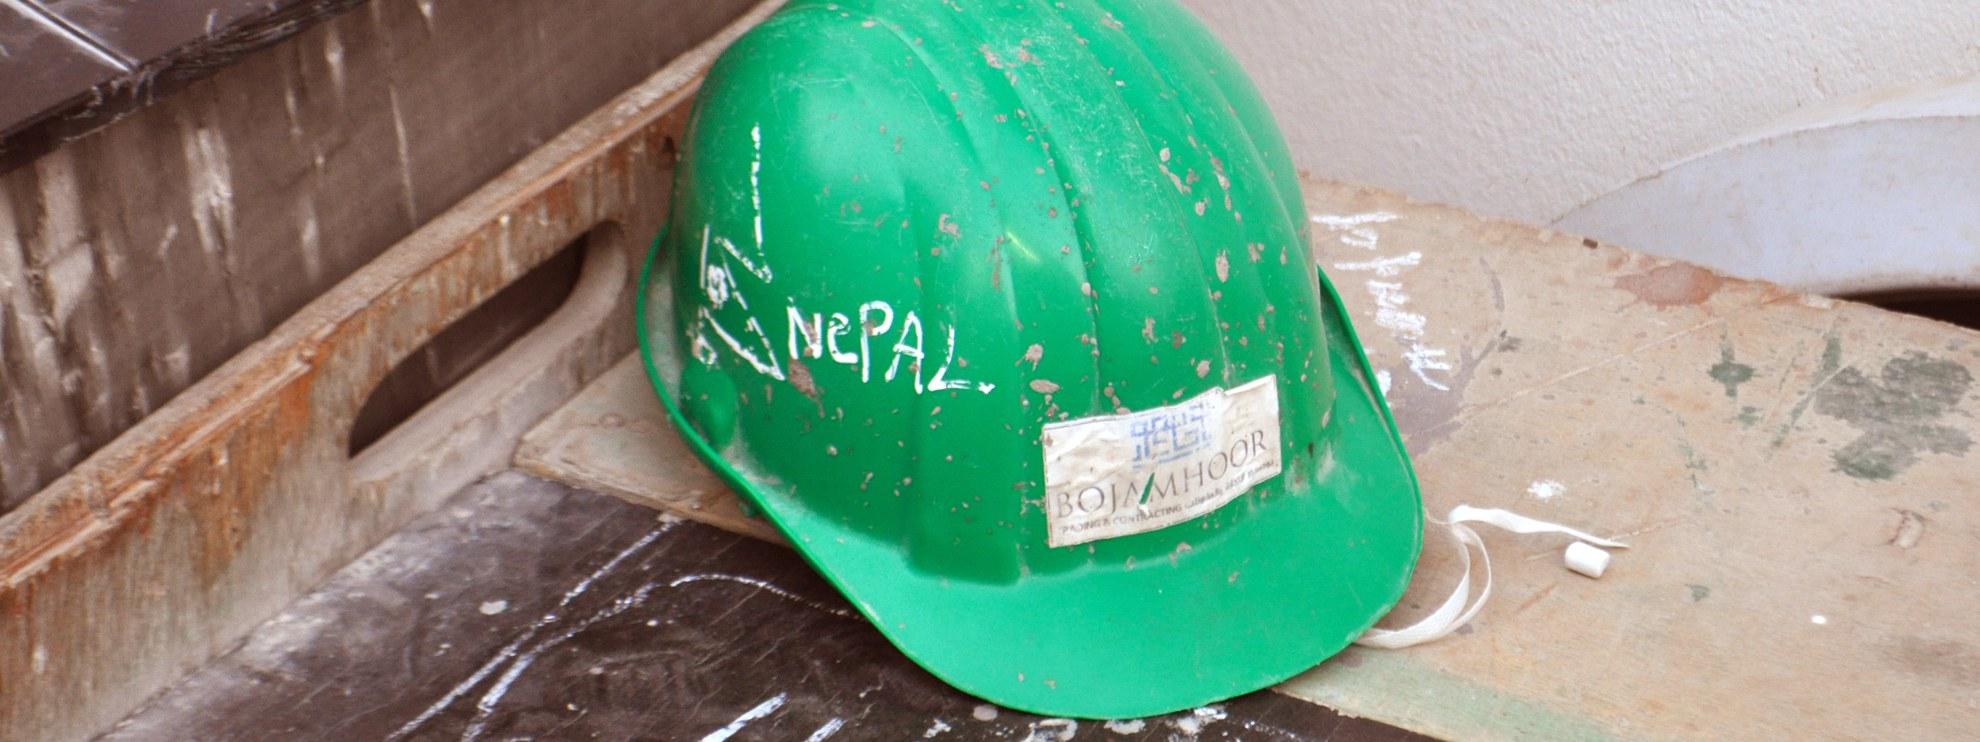 In Katar werden Arbeitsmigranten aus Nepal und anderen südasiatischen Staaten für den Bau der Fussball-WM-Infrastruktur ausgebeutet. ©  Amnesty International